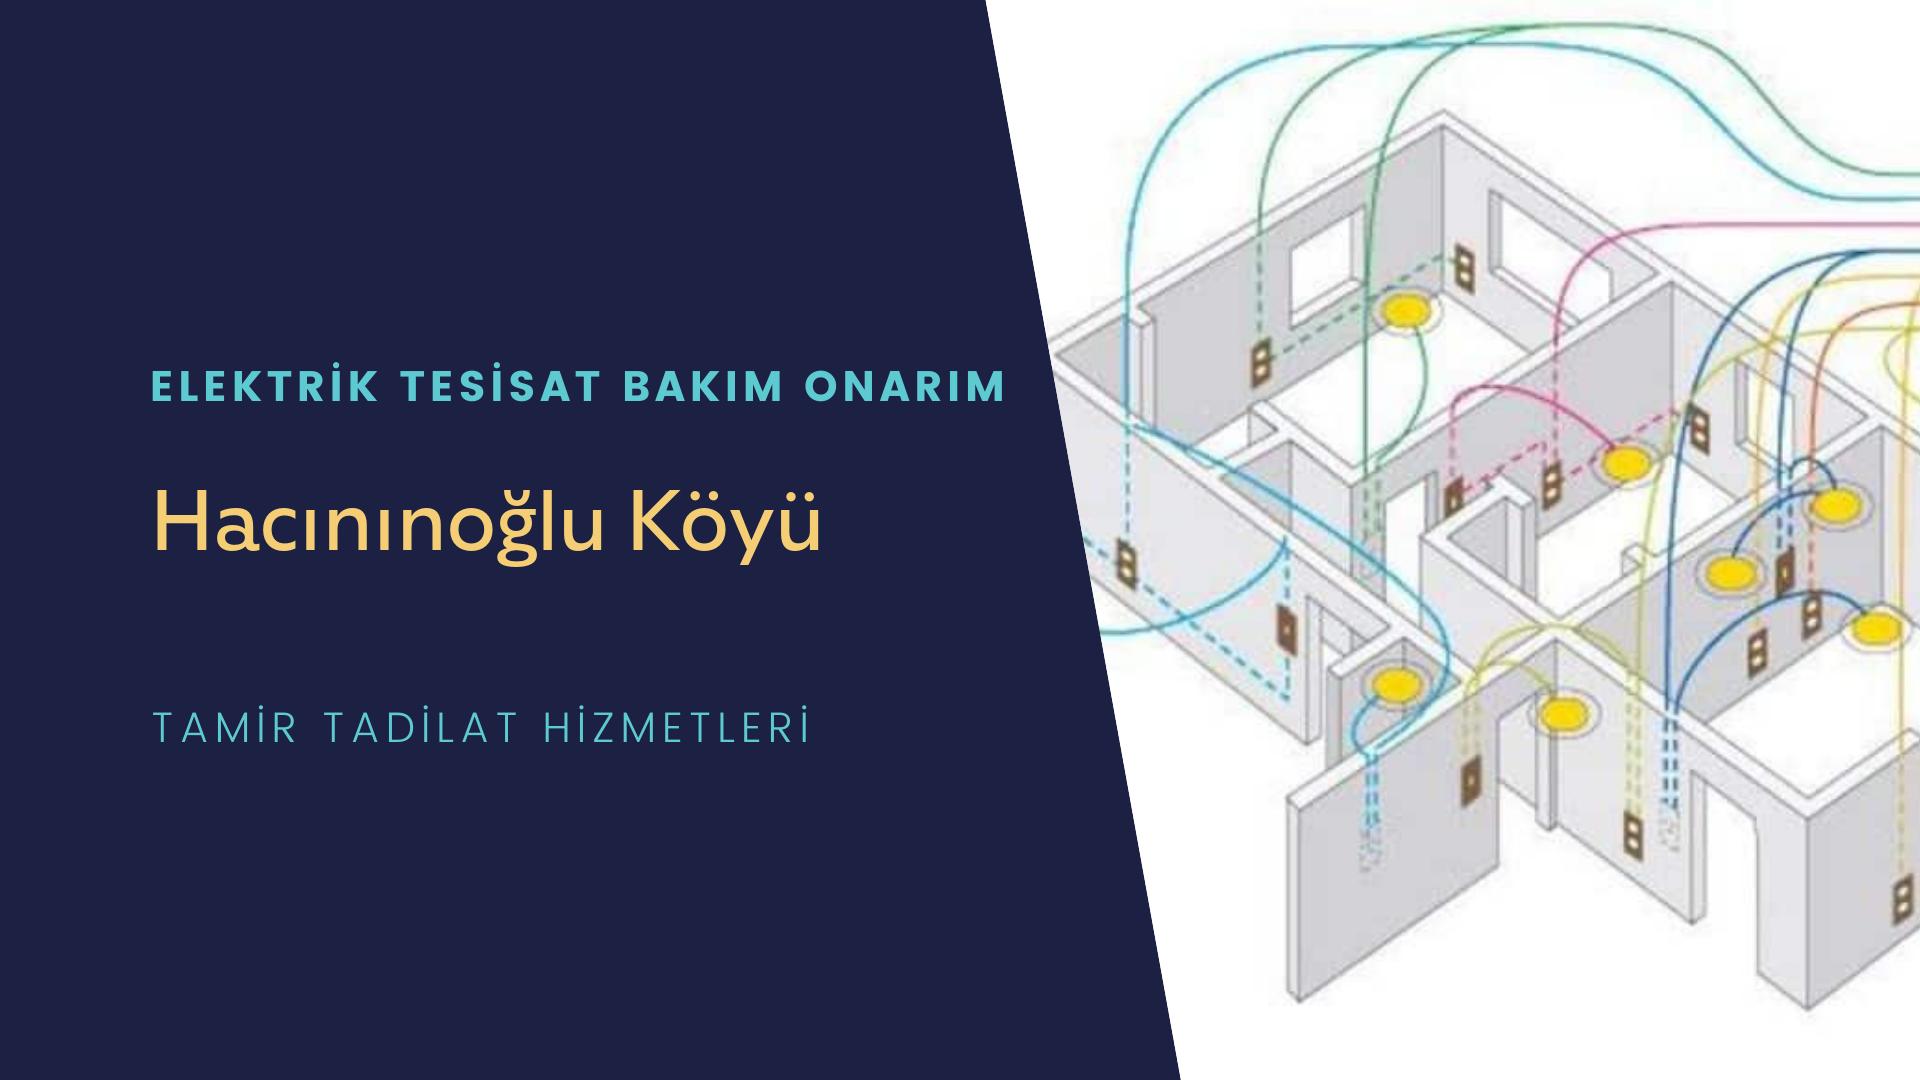 Hacınınoğlu Köyü  elektrik tesisatıustalarımı arıyorsunuz doğru adrestenizi Hacınınoğlu Köyü elektrik tesisatı ustalarımız 7/24 sizlere hizmet vermekten mutluluk duyar.